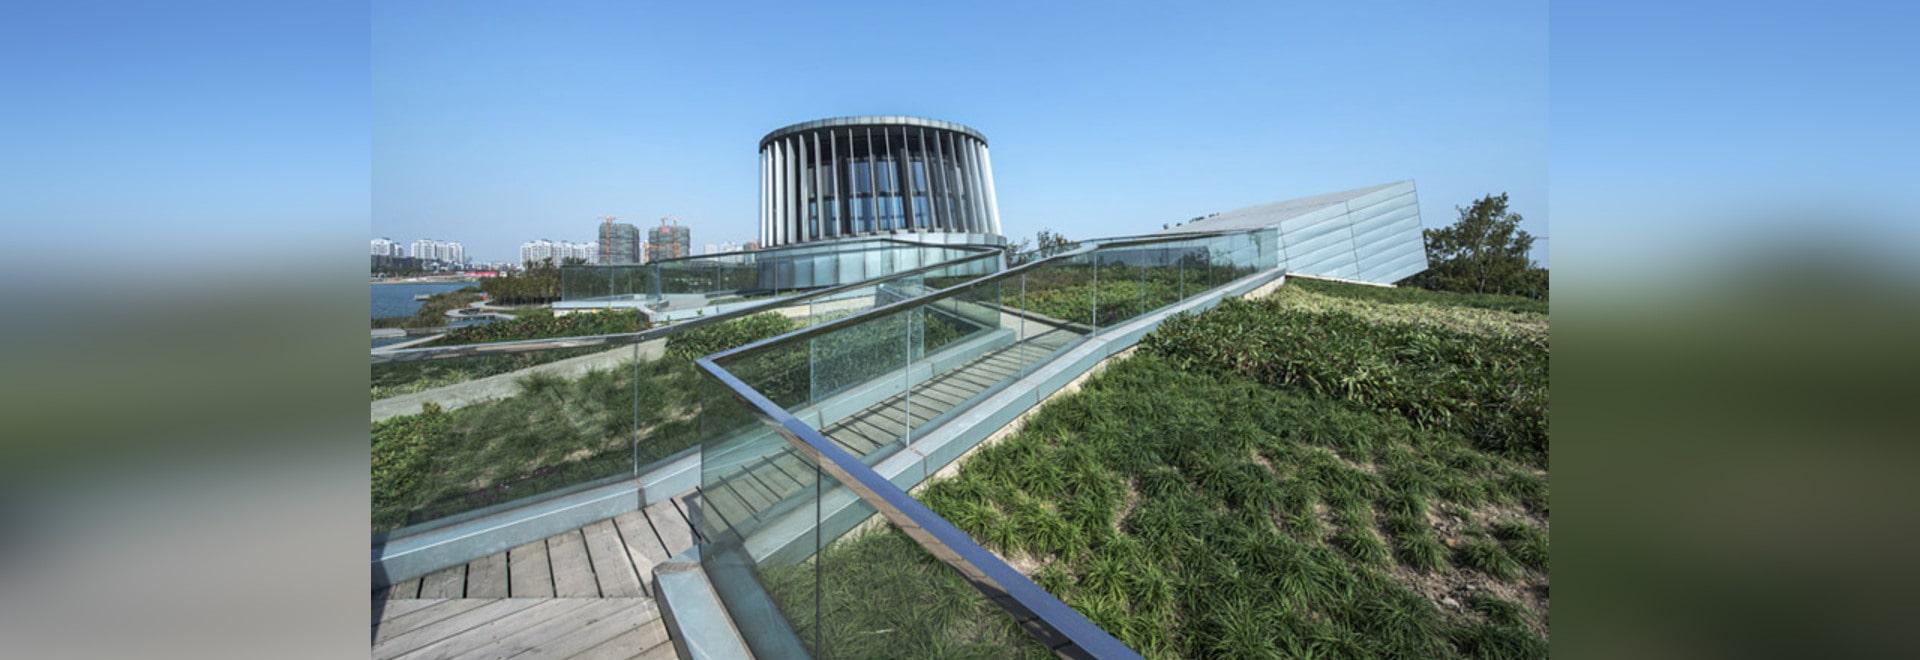 le jardin de toit voûté couvre le restaurant de bord de mer par des